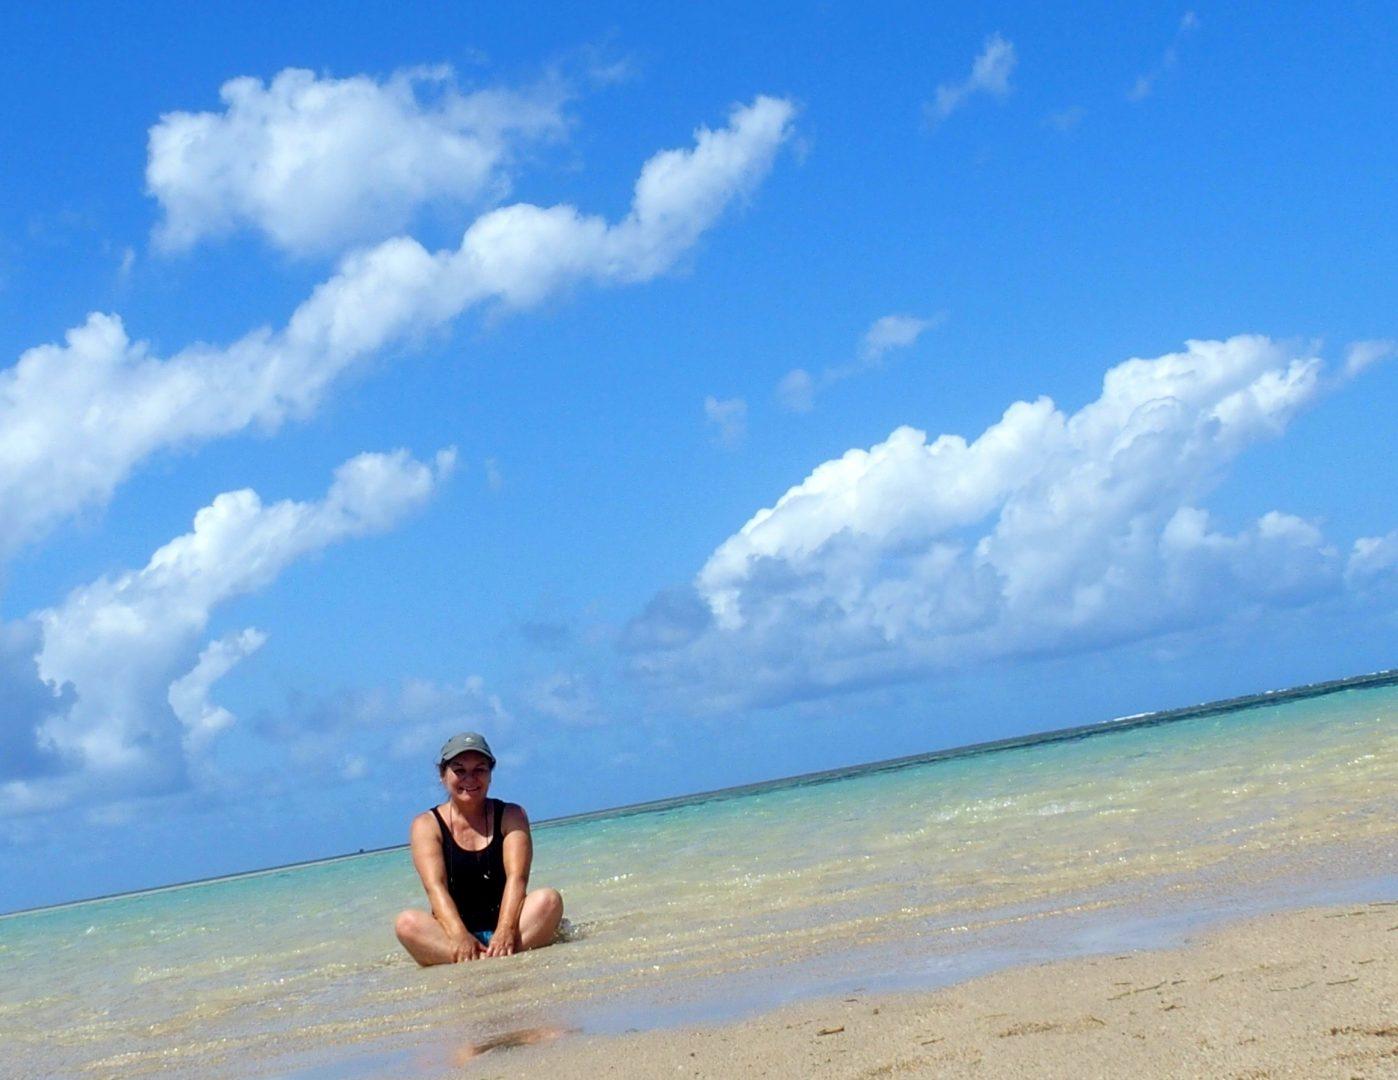 Sur le sand bank Ibo - Mozambique